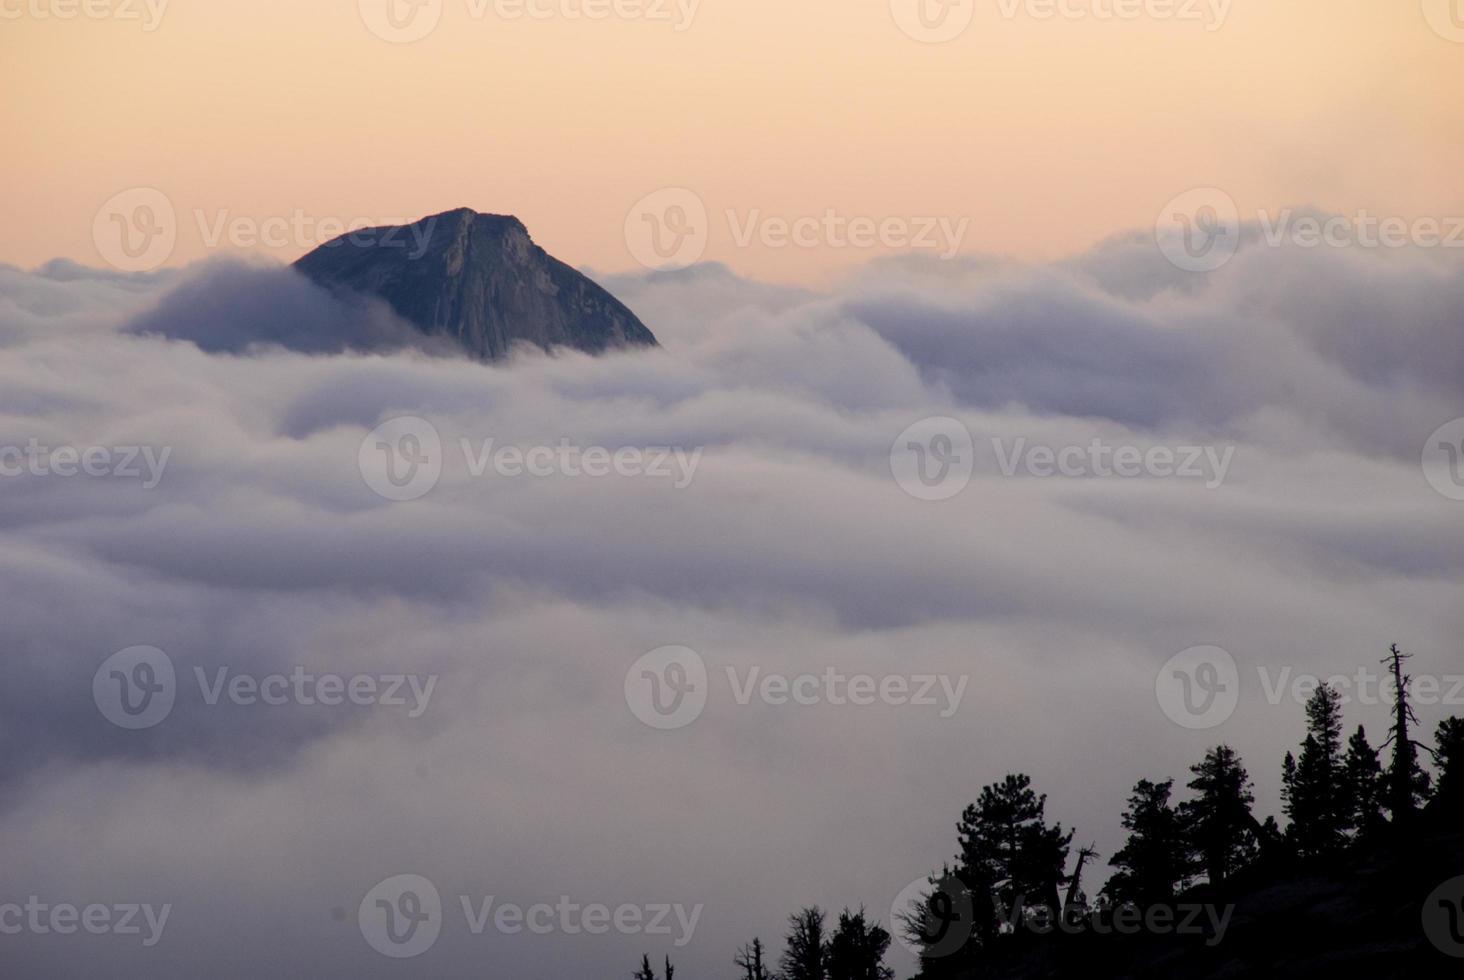 Parque Nacional de Yosemite - meia cúpula aparecendo no nevoeiro foto